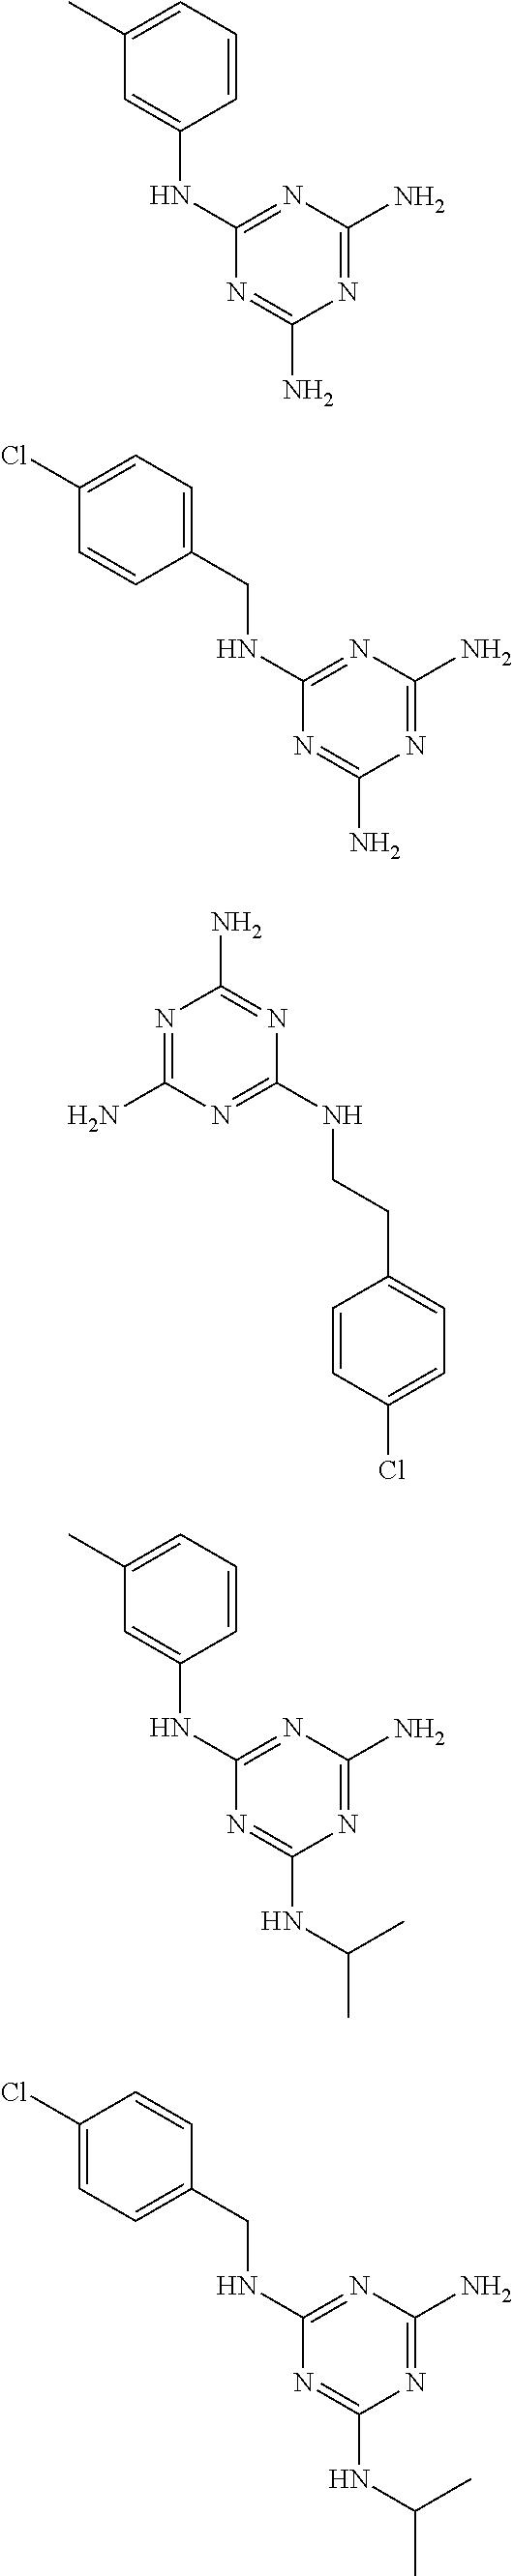 Figure US09480663-20161101-C00157